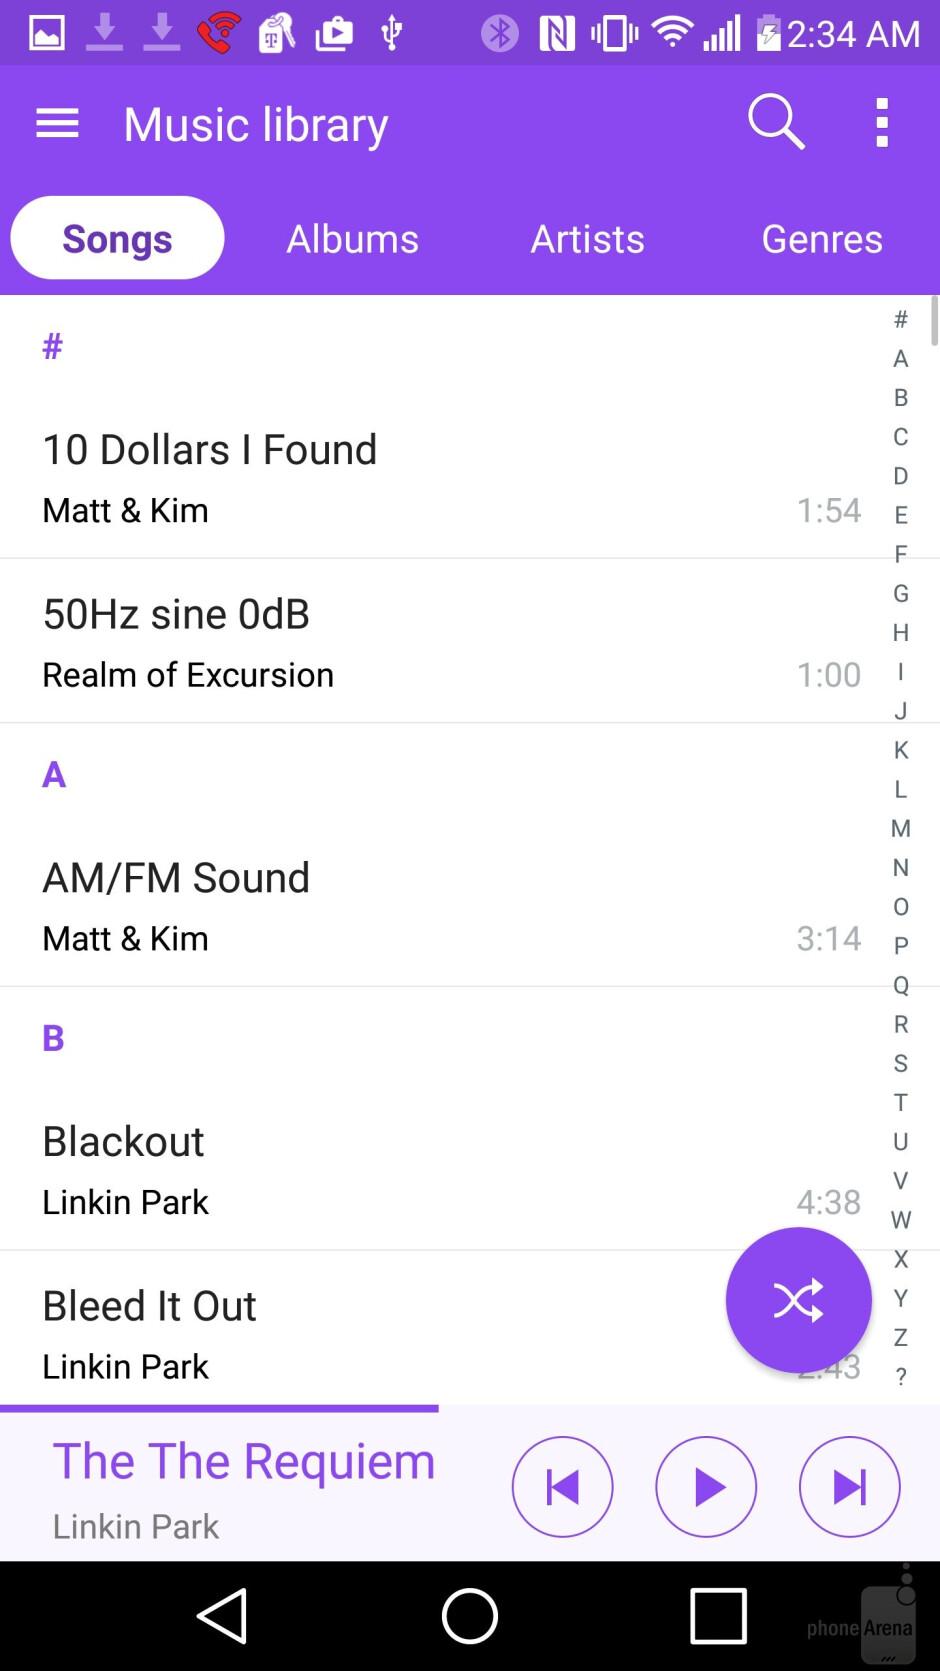 LG G4 - Music players - LG G4 vs HTC One M9